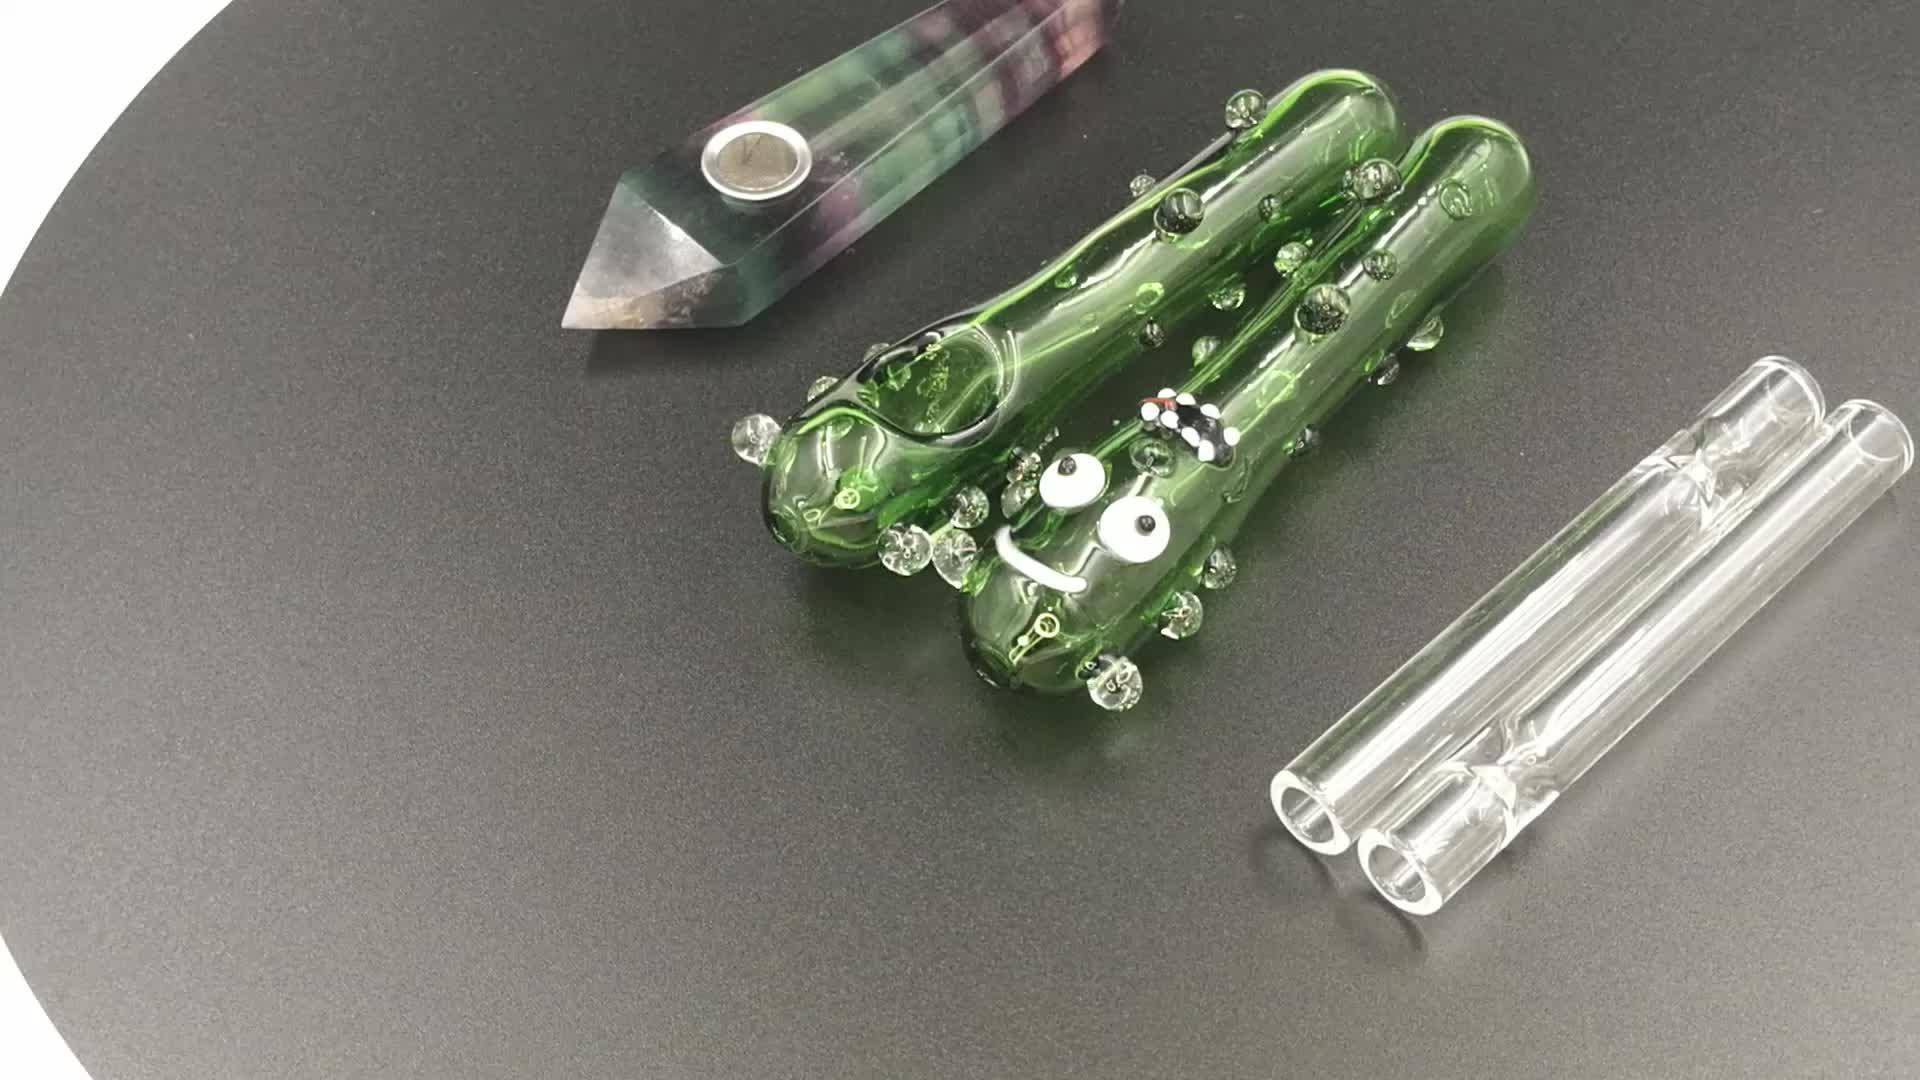 Neue Steamroller Rohr Mini Glas Regelmäßige Rauchen Rohr Klar Mit Zwei Glas Füße Tabak Rohr